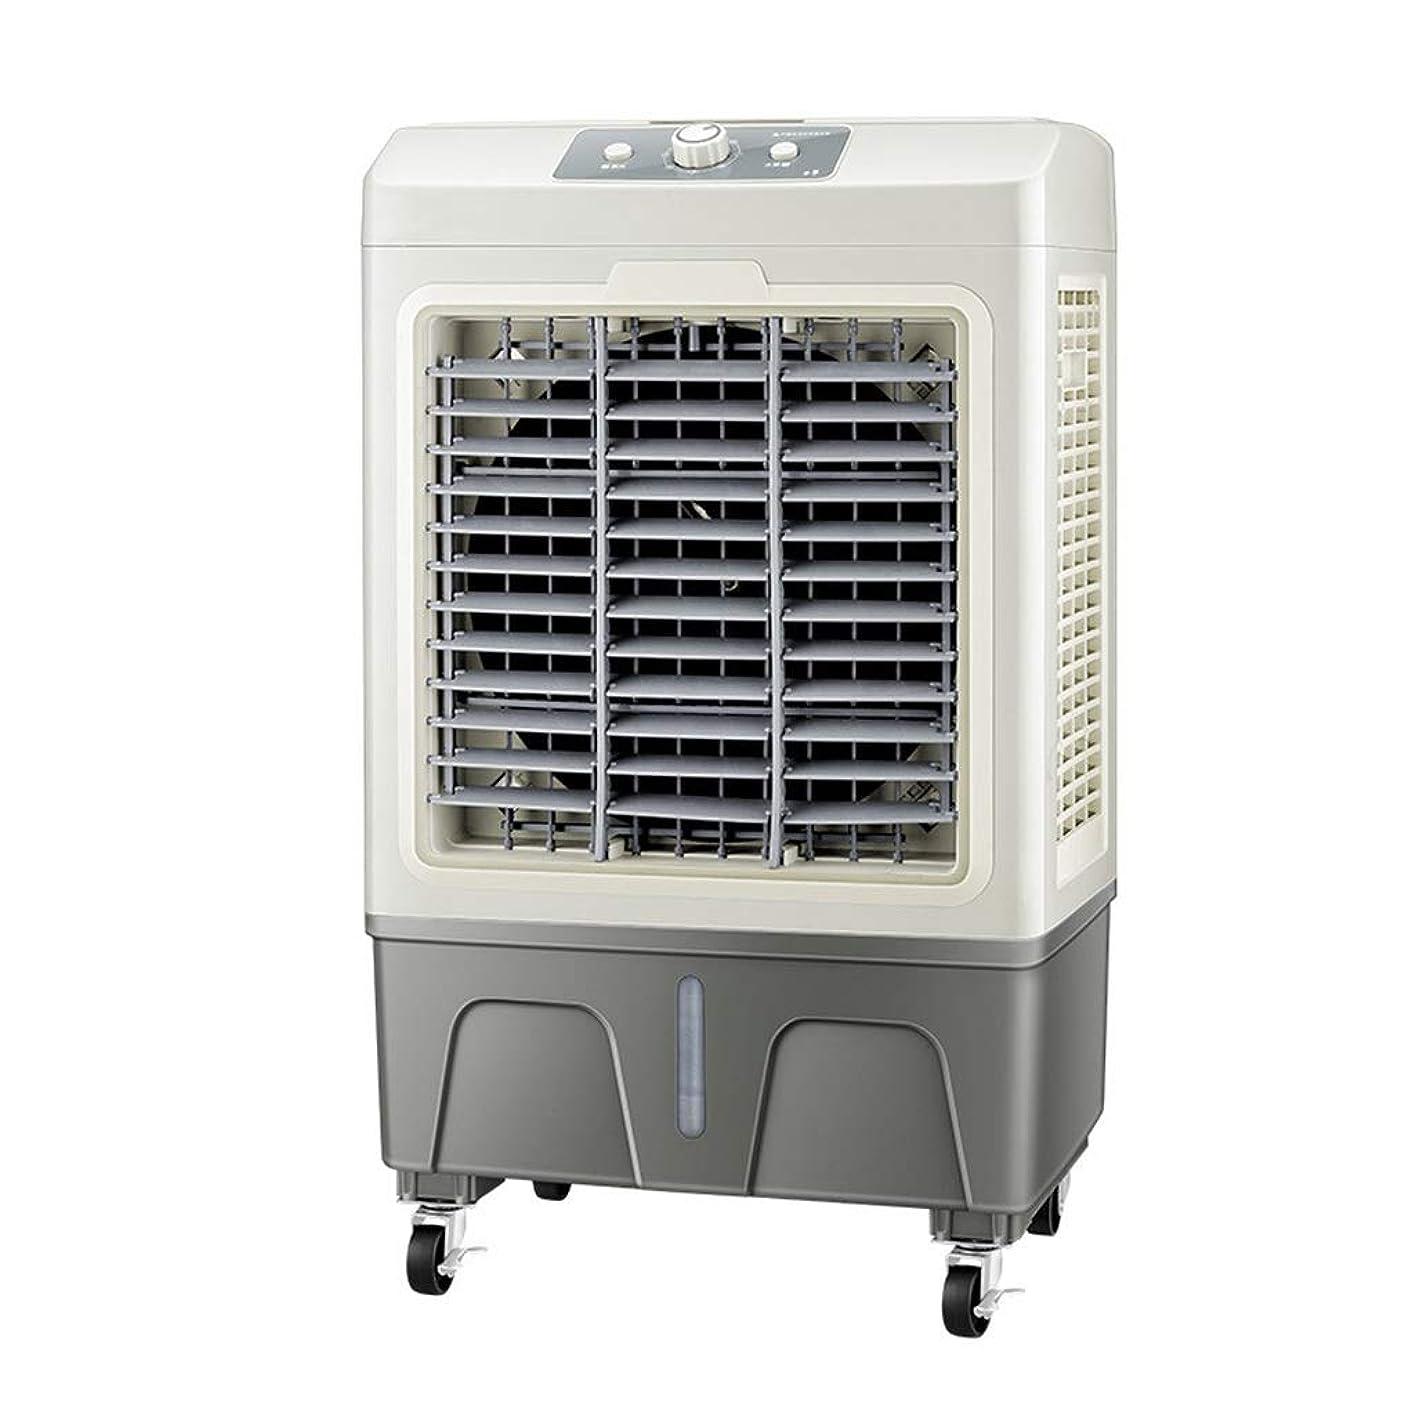 イタリックフリッパー発行するファンおよび加湿器が付いている低エネルギー、密集した携帯用蒸発クーラー